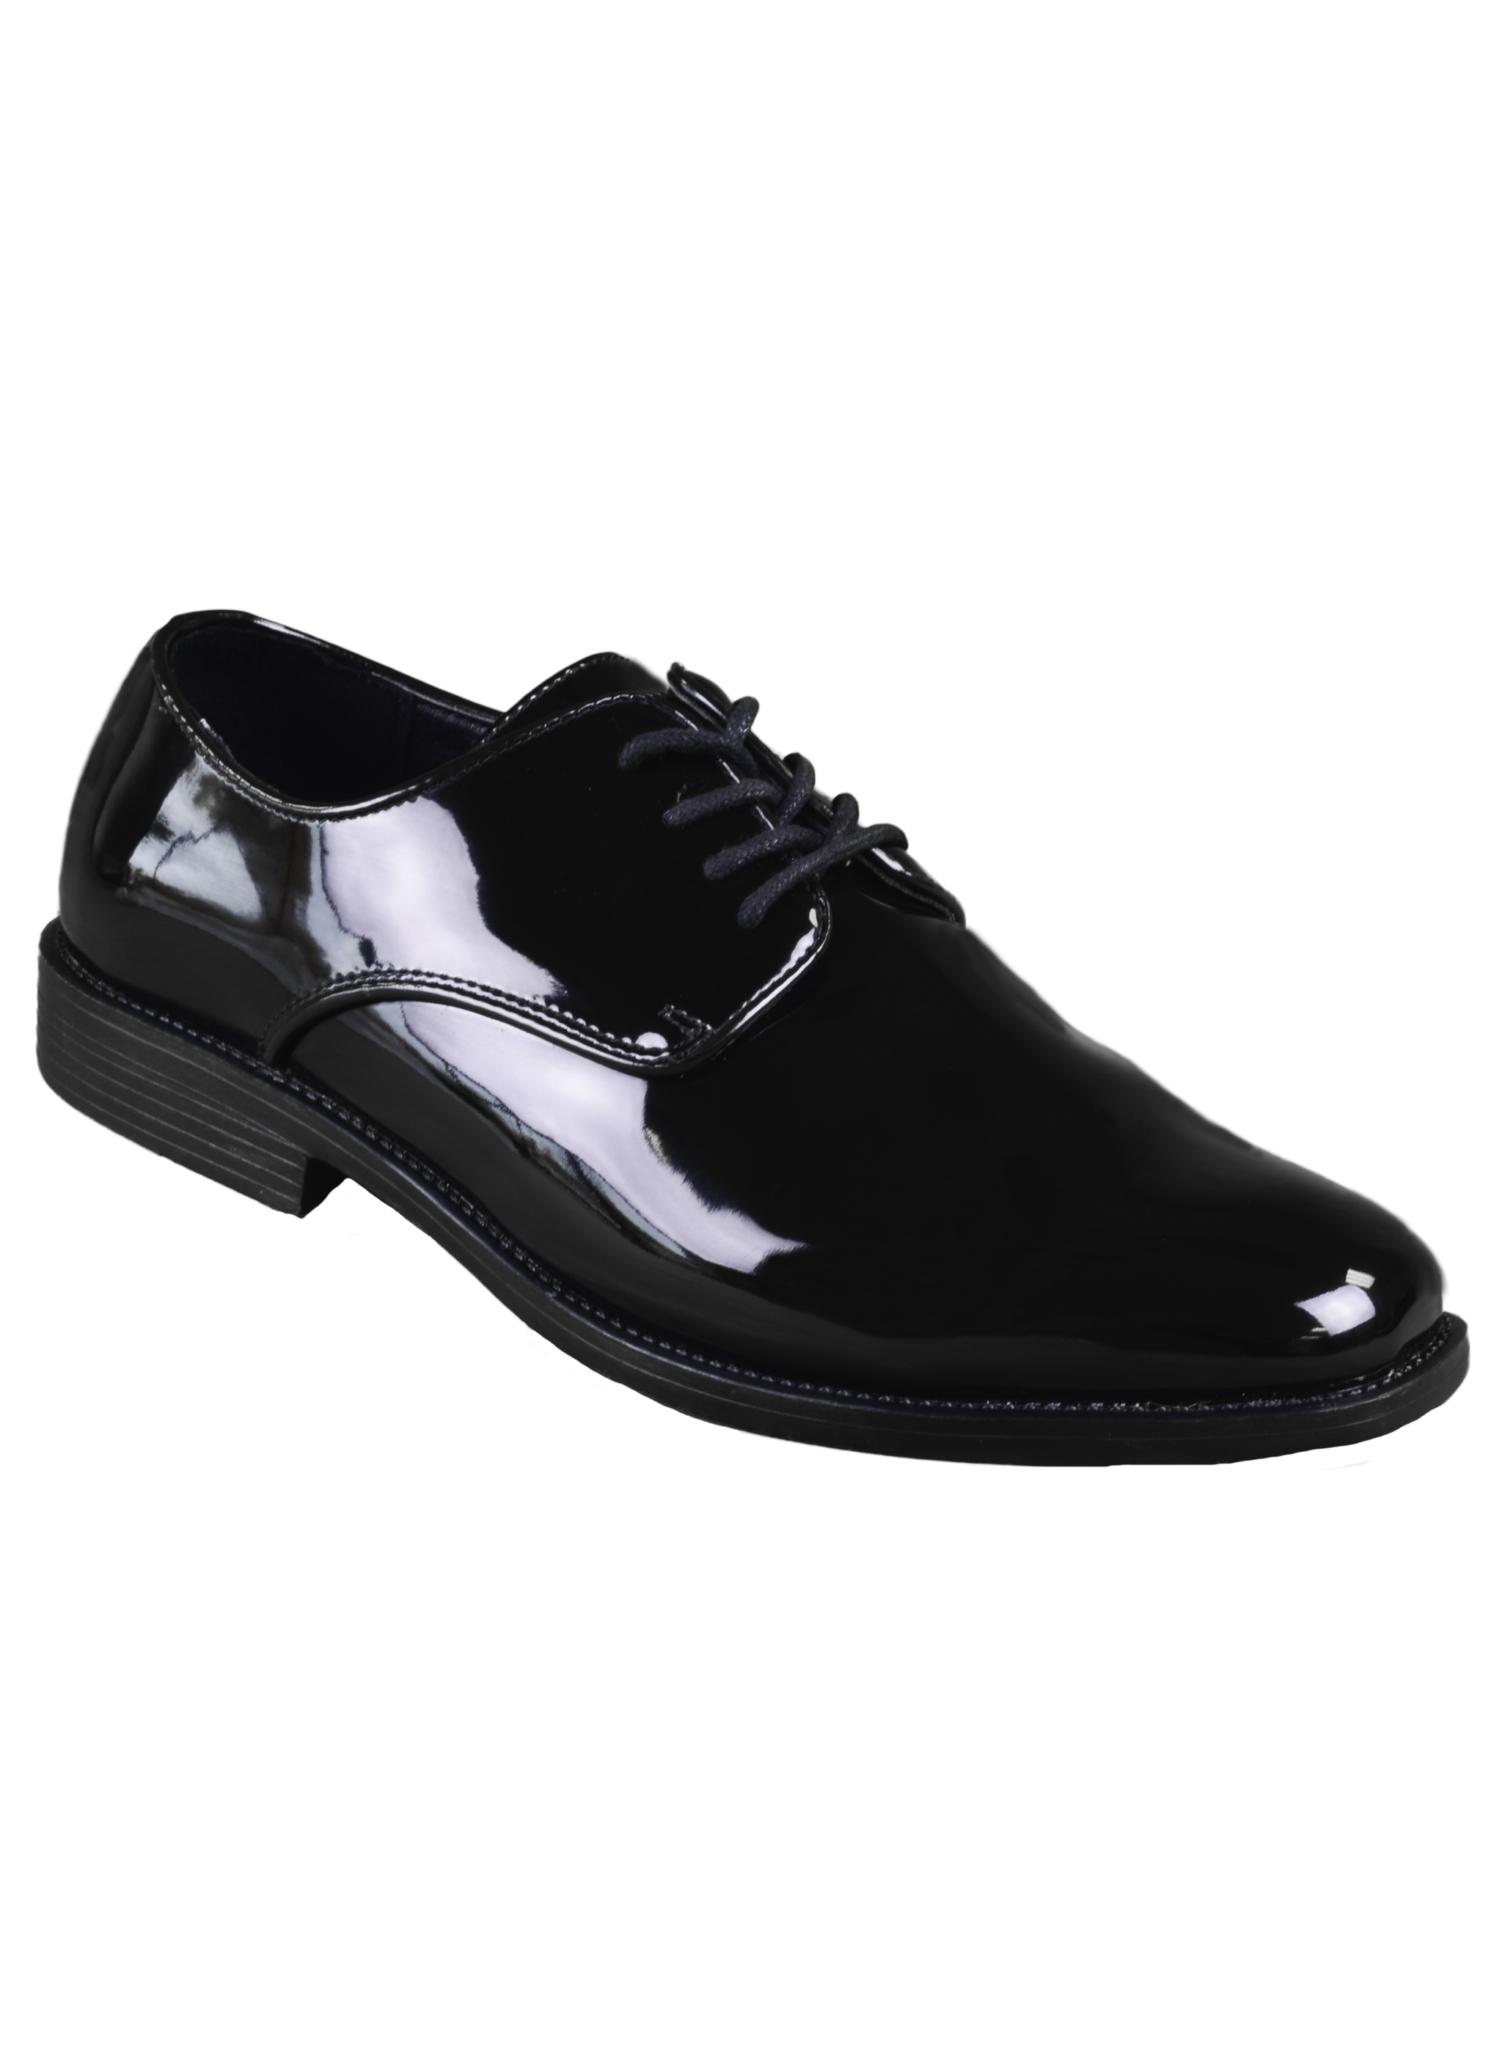 Classic Tie Shoes | Louie's Tux Shop